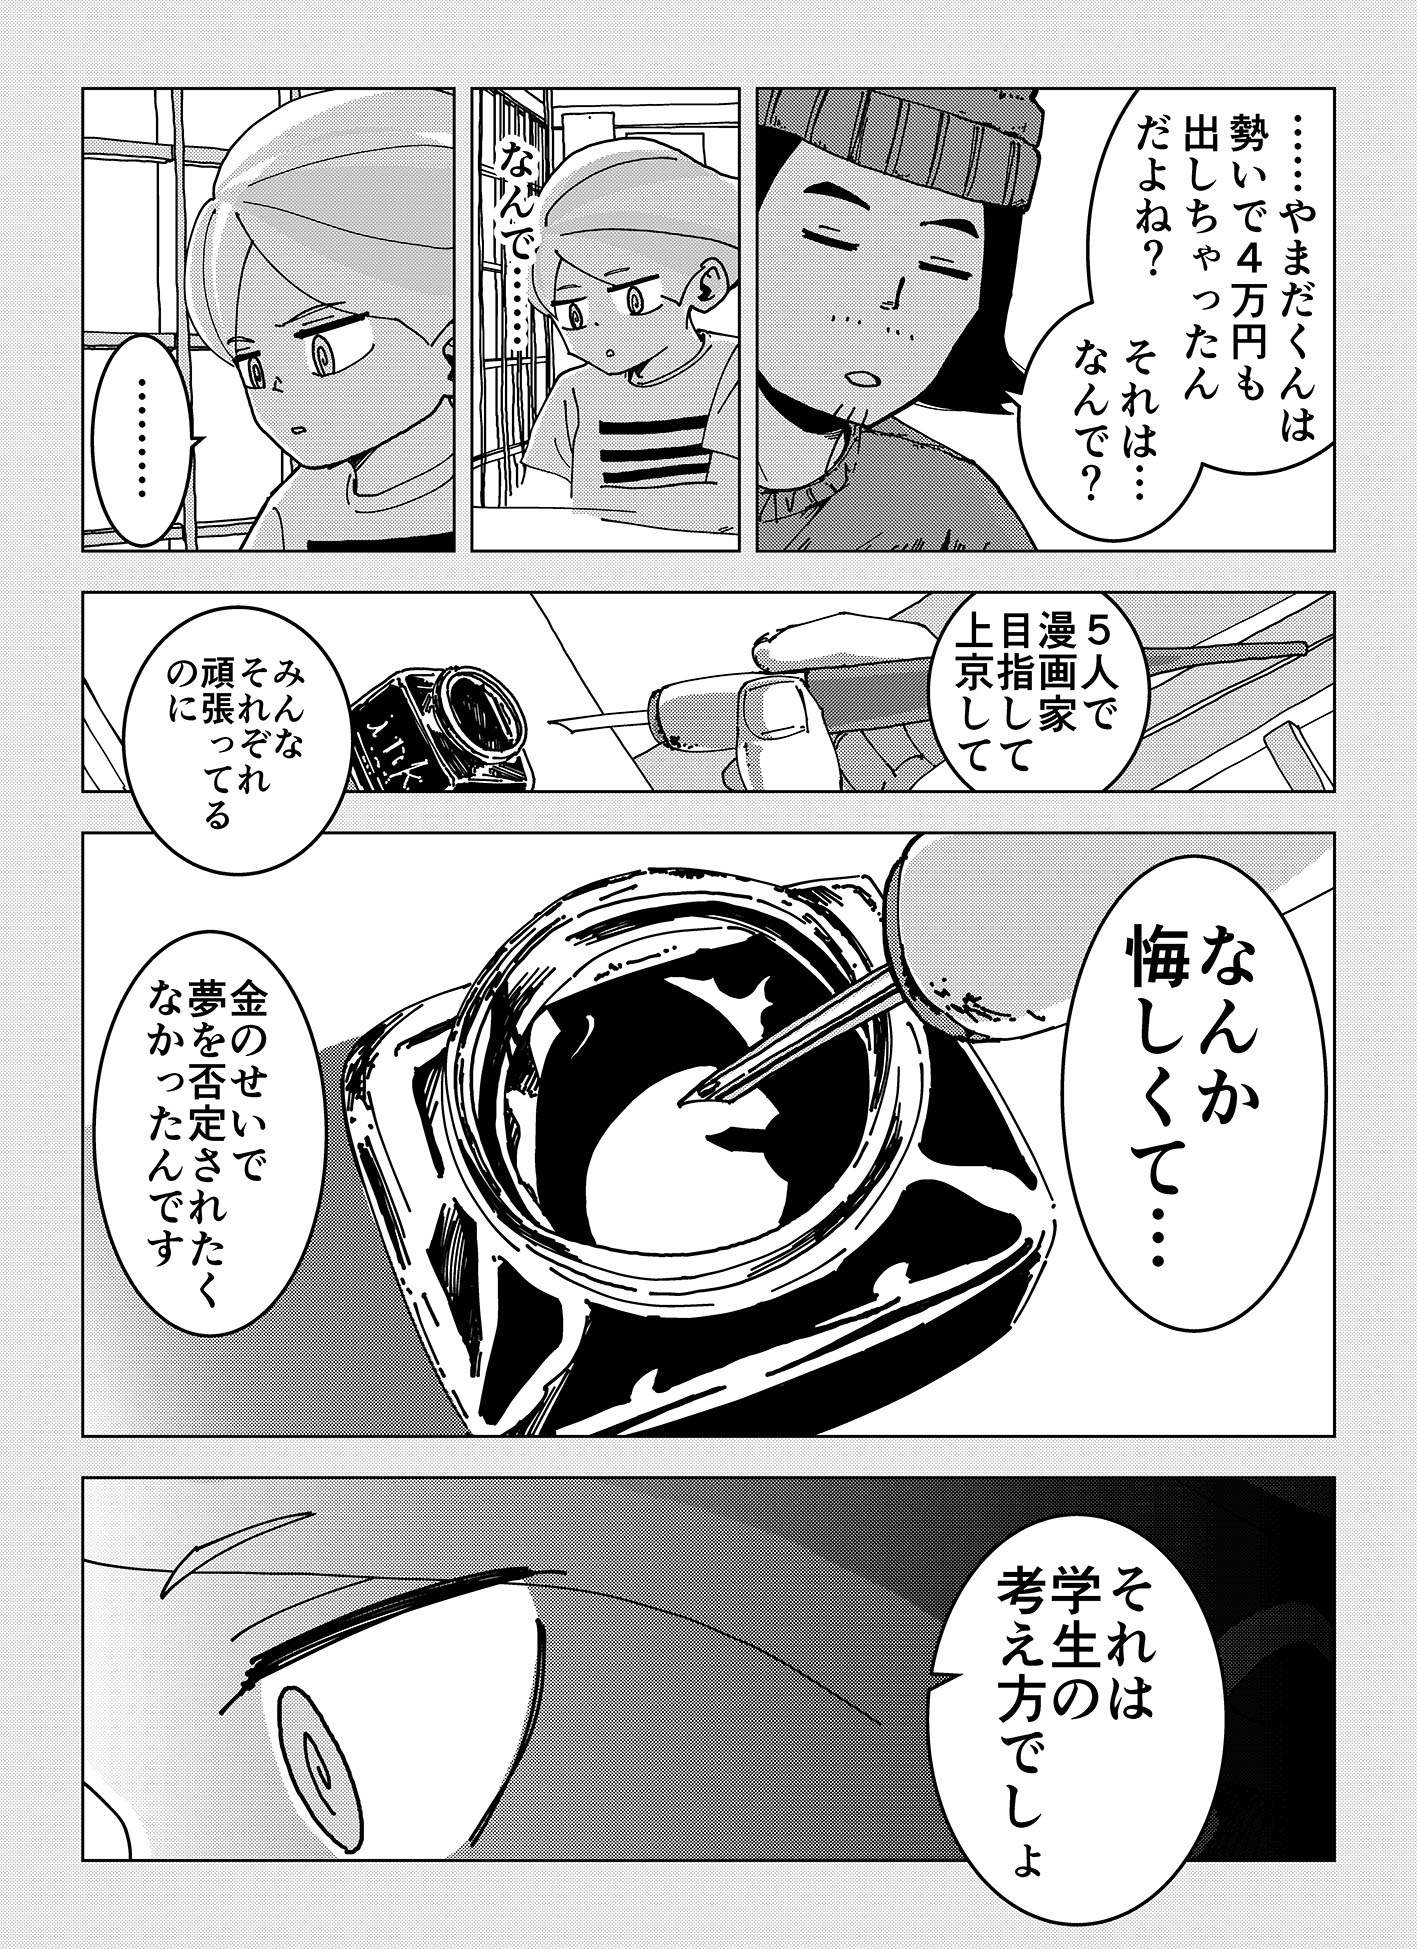 share_07_08